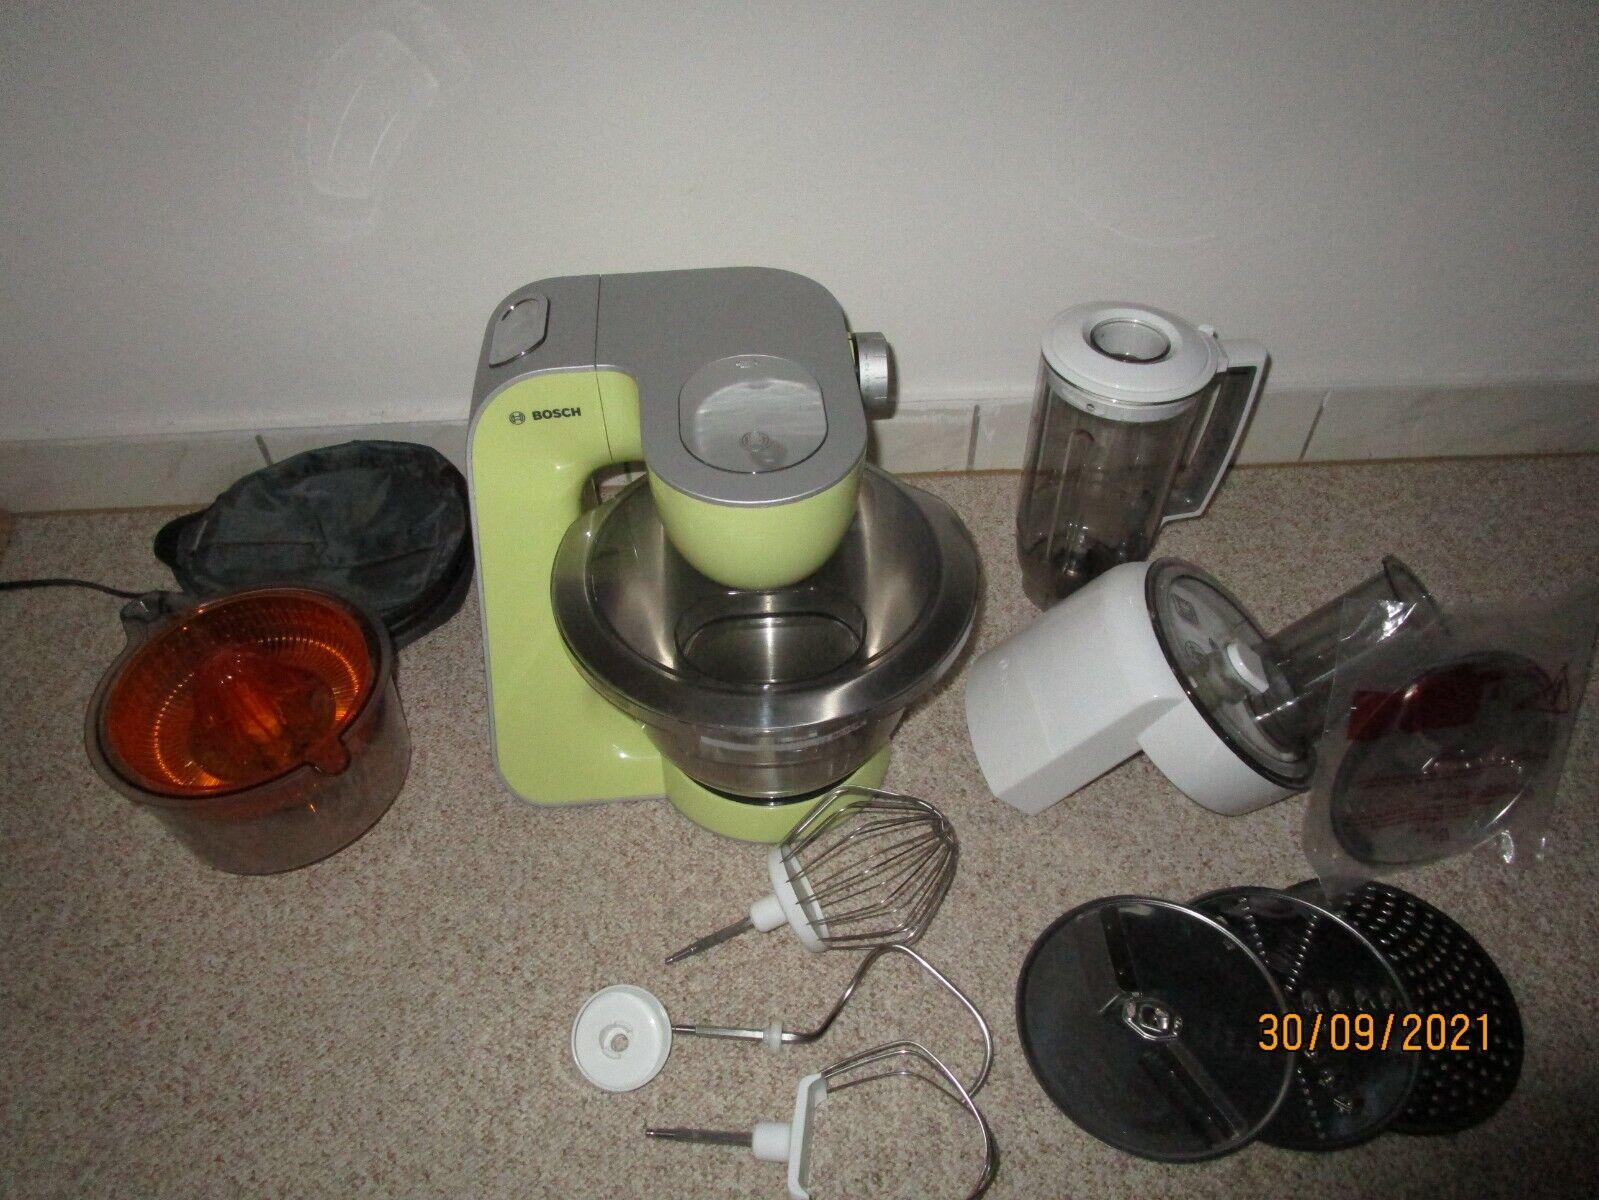 Bosch Küchenmaschine Mum 5 - 54620/02 guter Zustand und einwandfreie Funktion.